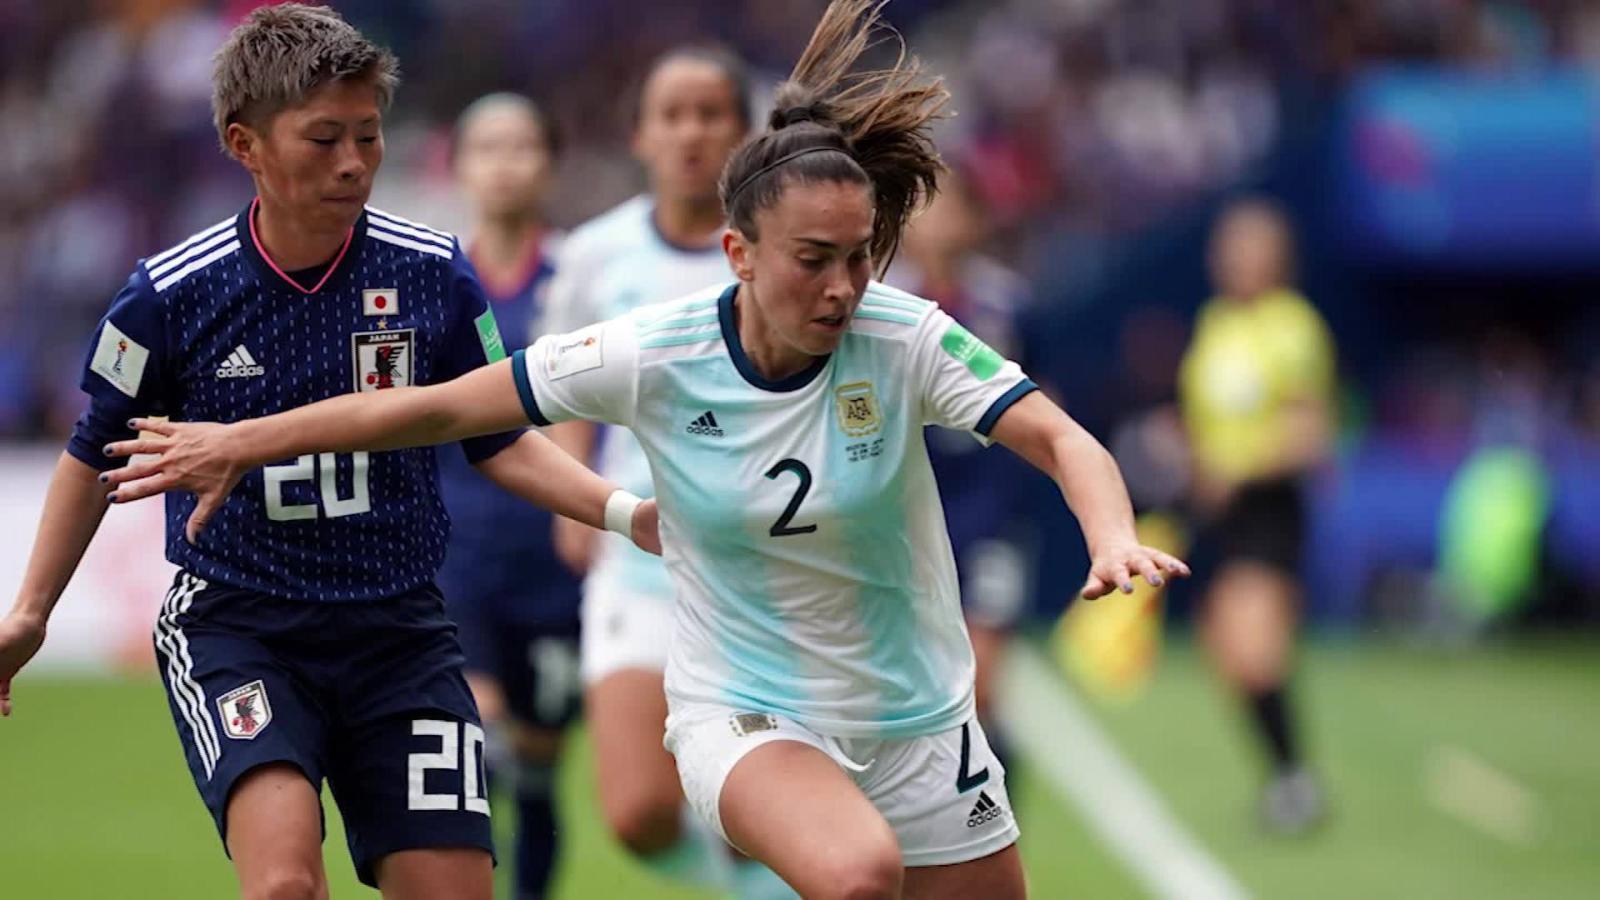 Divulgação _ A atleta foi titular da Seleção Argentina na Copa do Mundo Feminina, em 2019